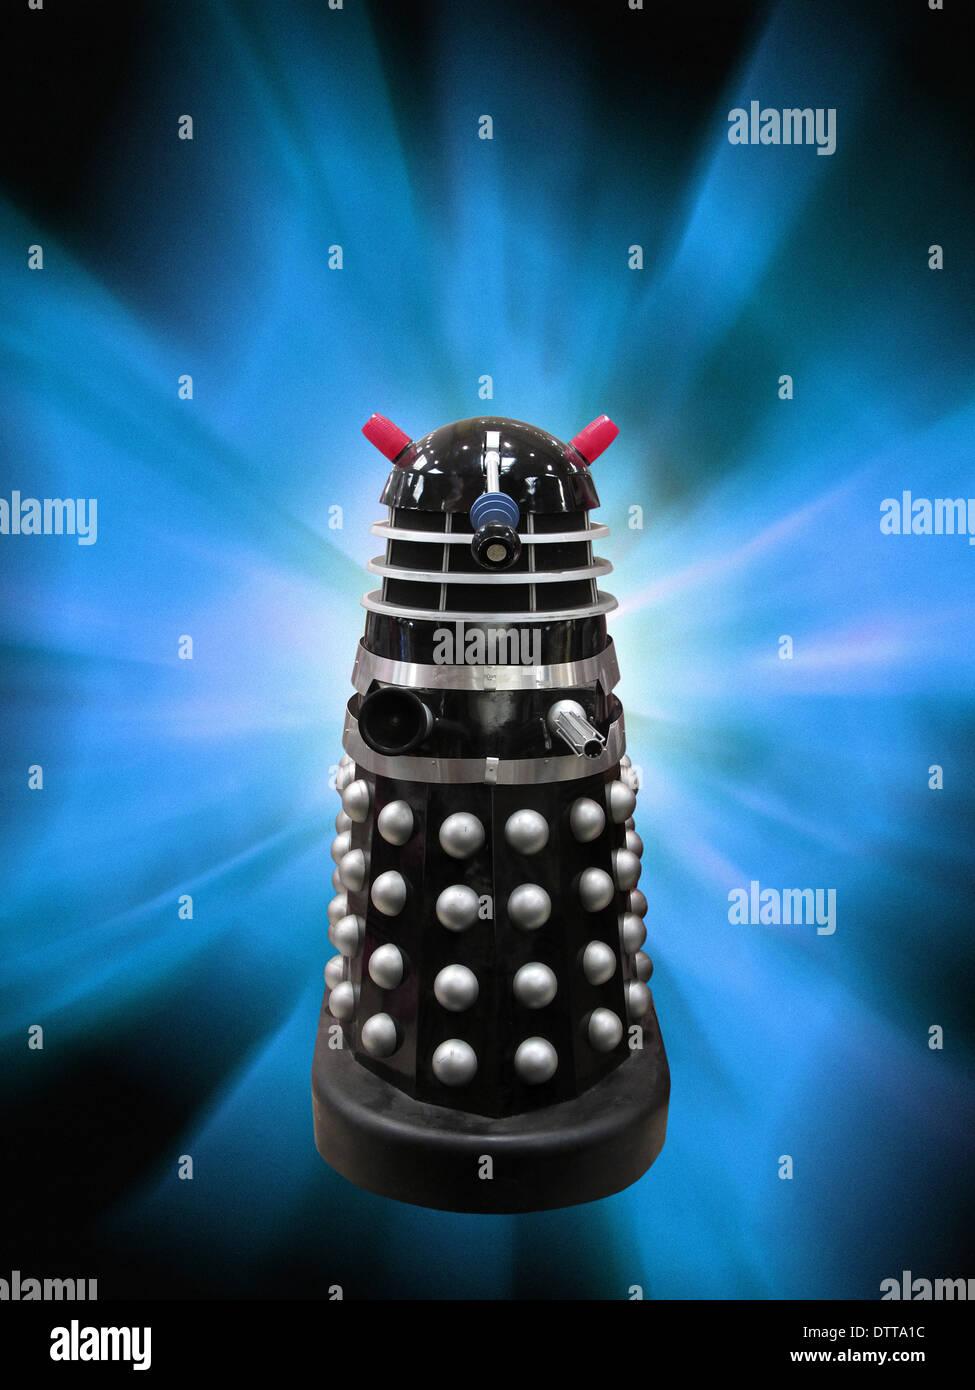 Dalek. - Stock Image